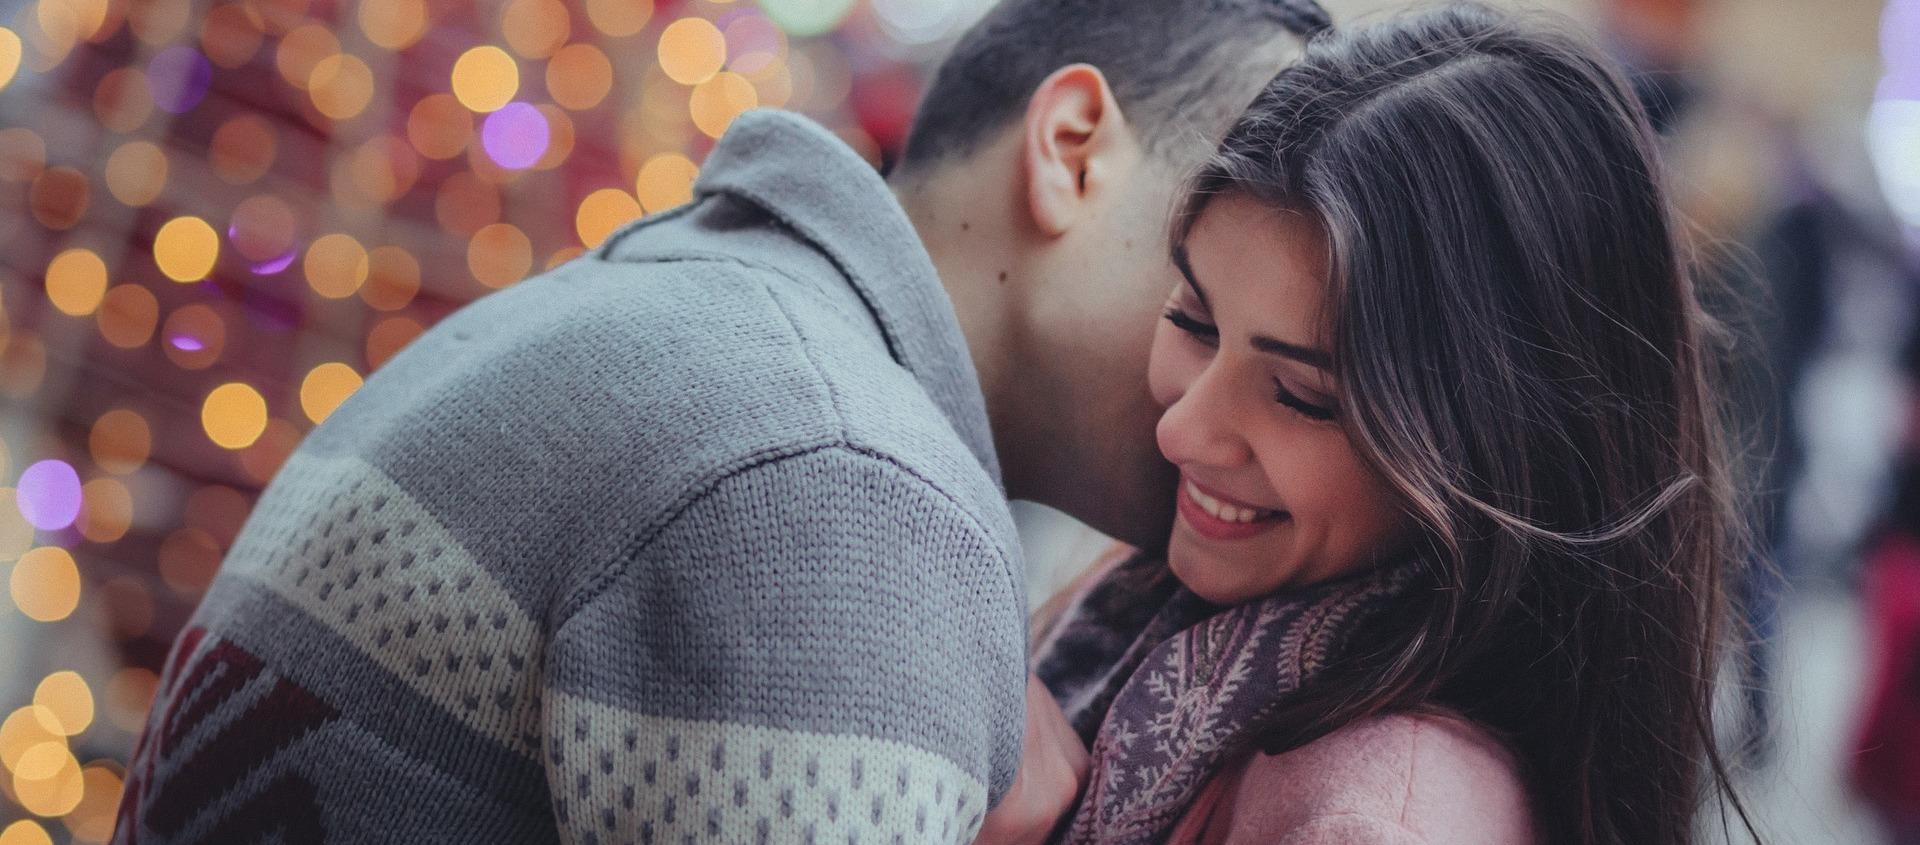 Couple fun kiss